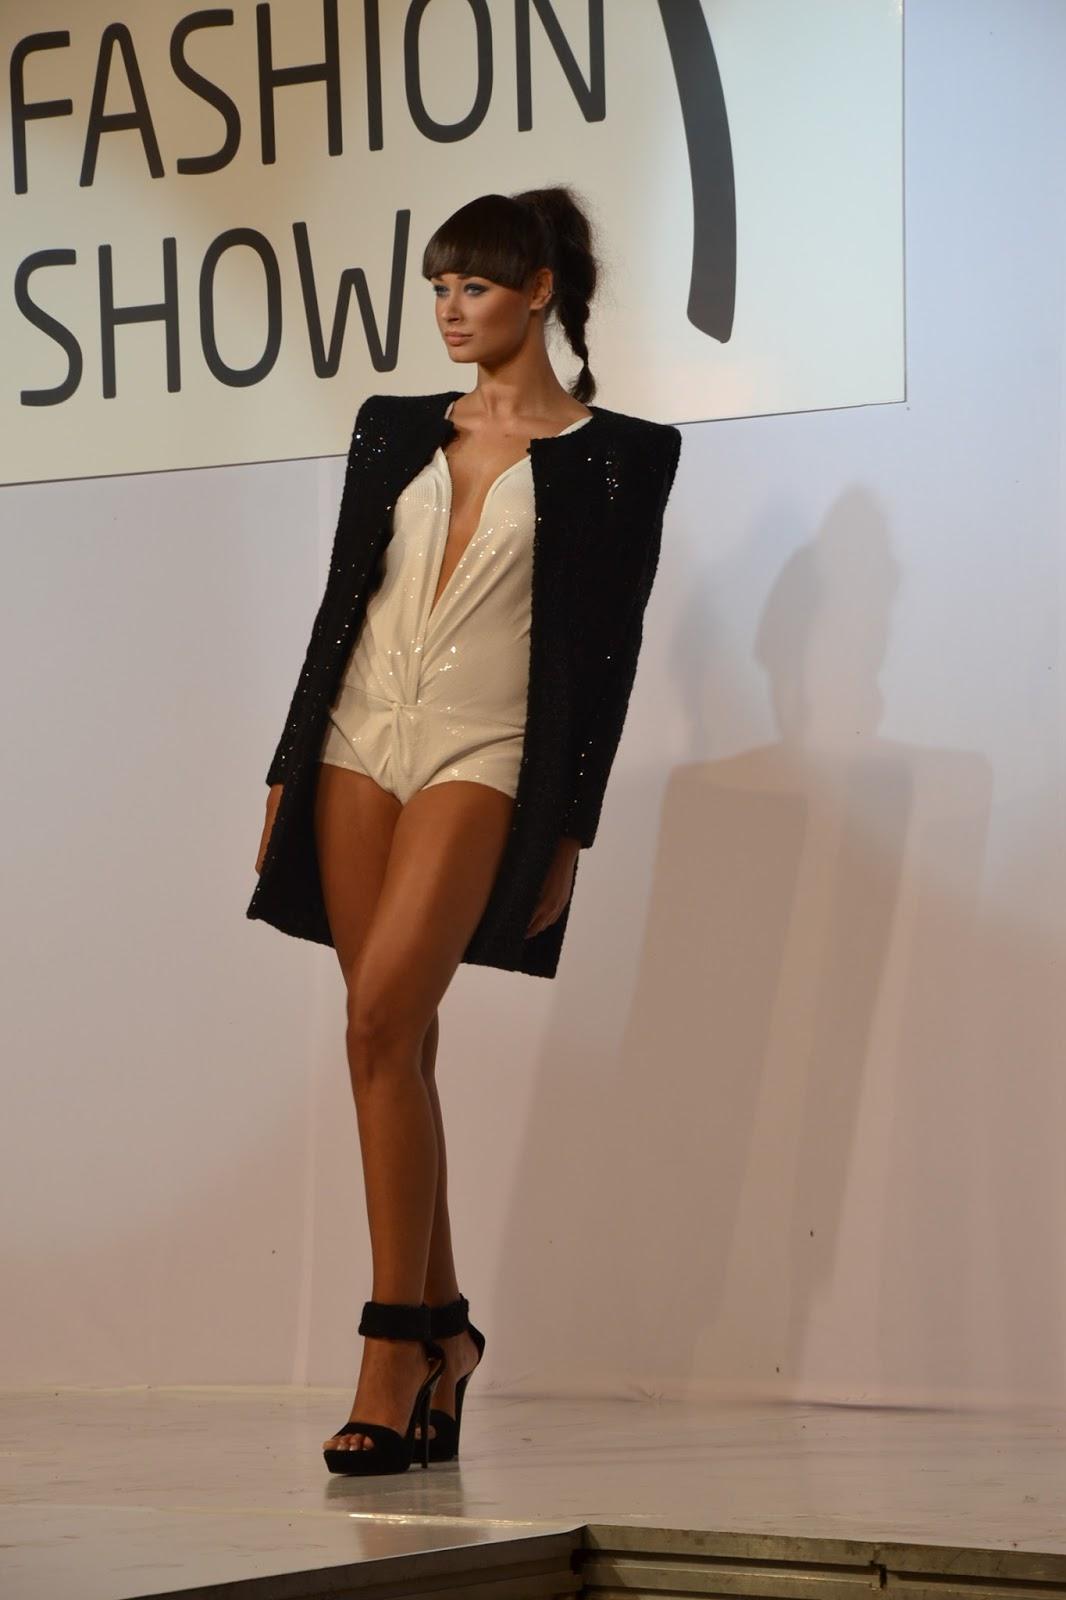 Fashion And Style By Emilia Wr Bel Air Radom Fashion Show